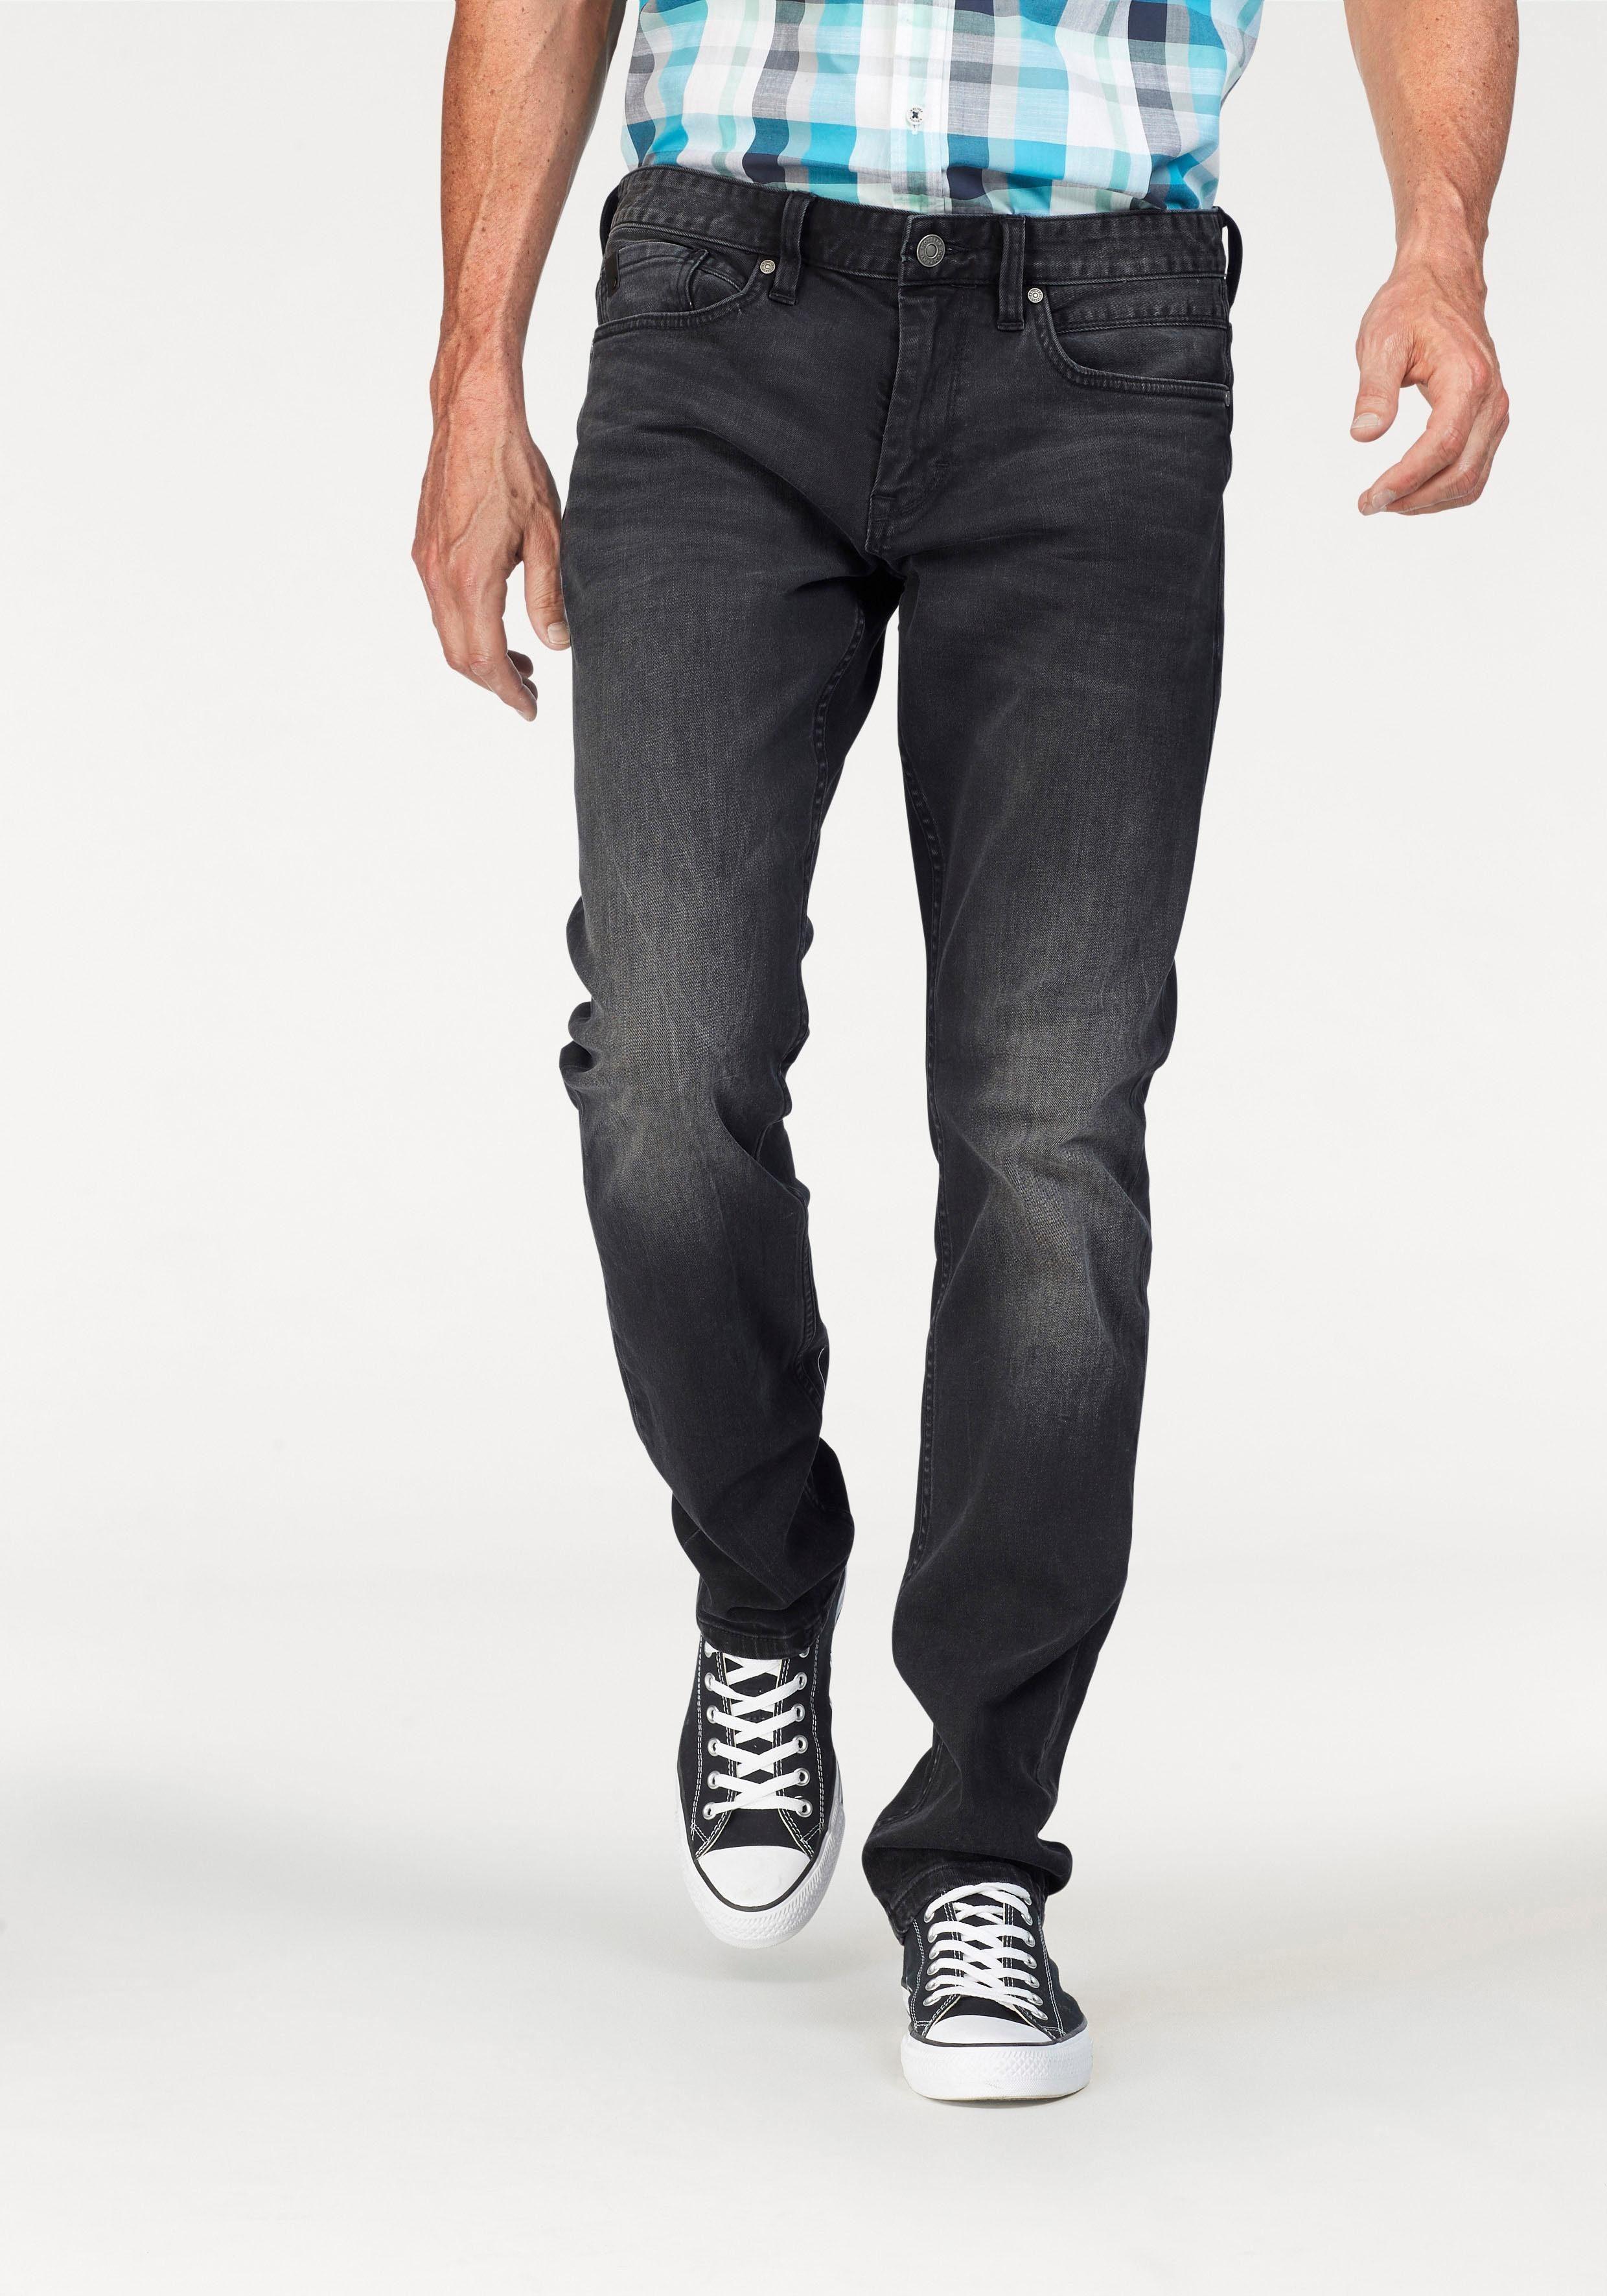 s.Oliver Slim fit Jeans »CLOSE«, Klassischer 5 Pocket Style online kaufen | OTTO